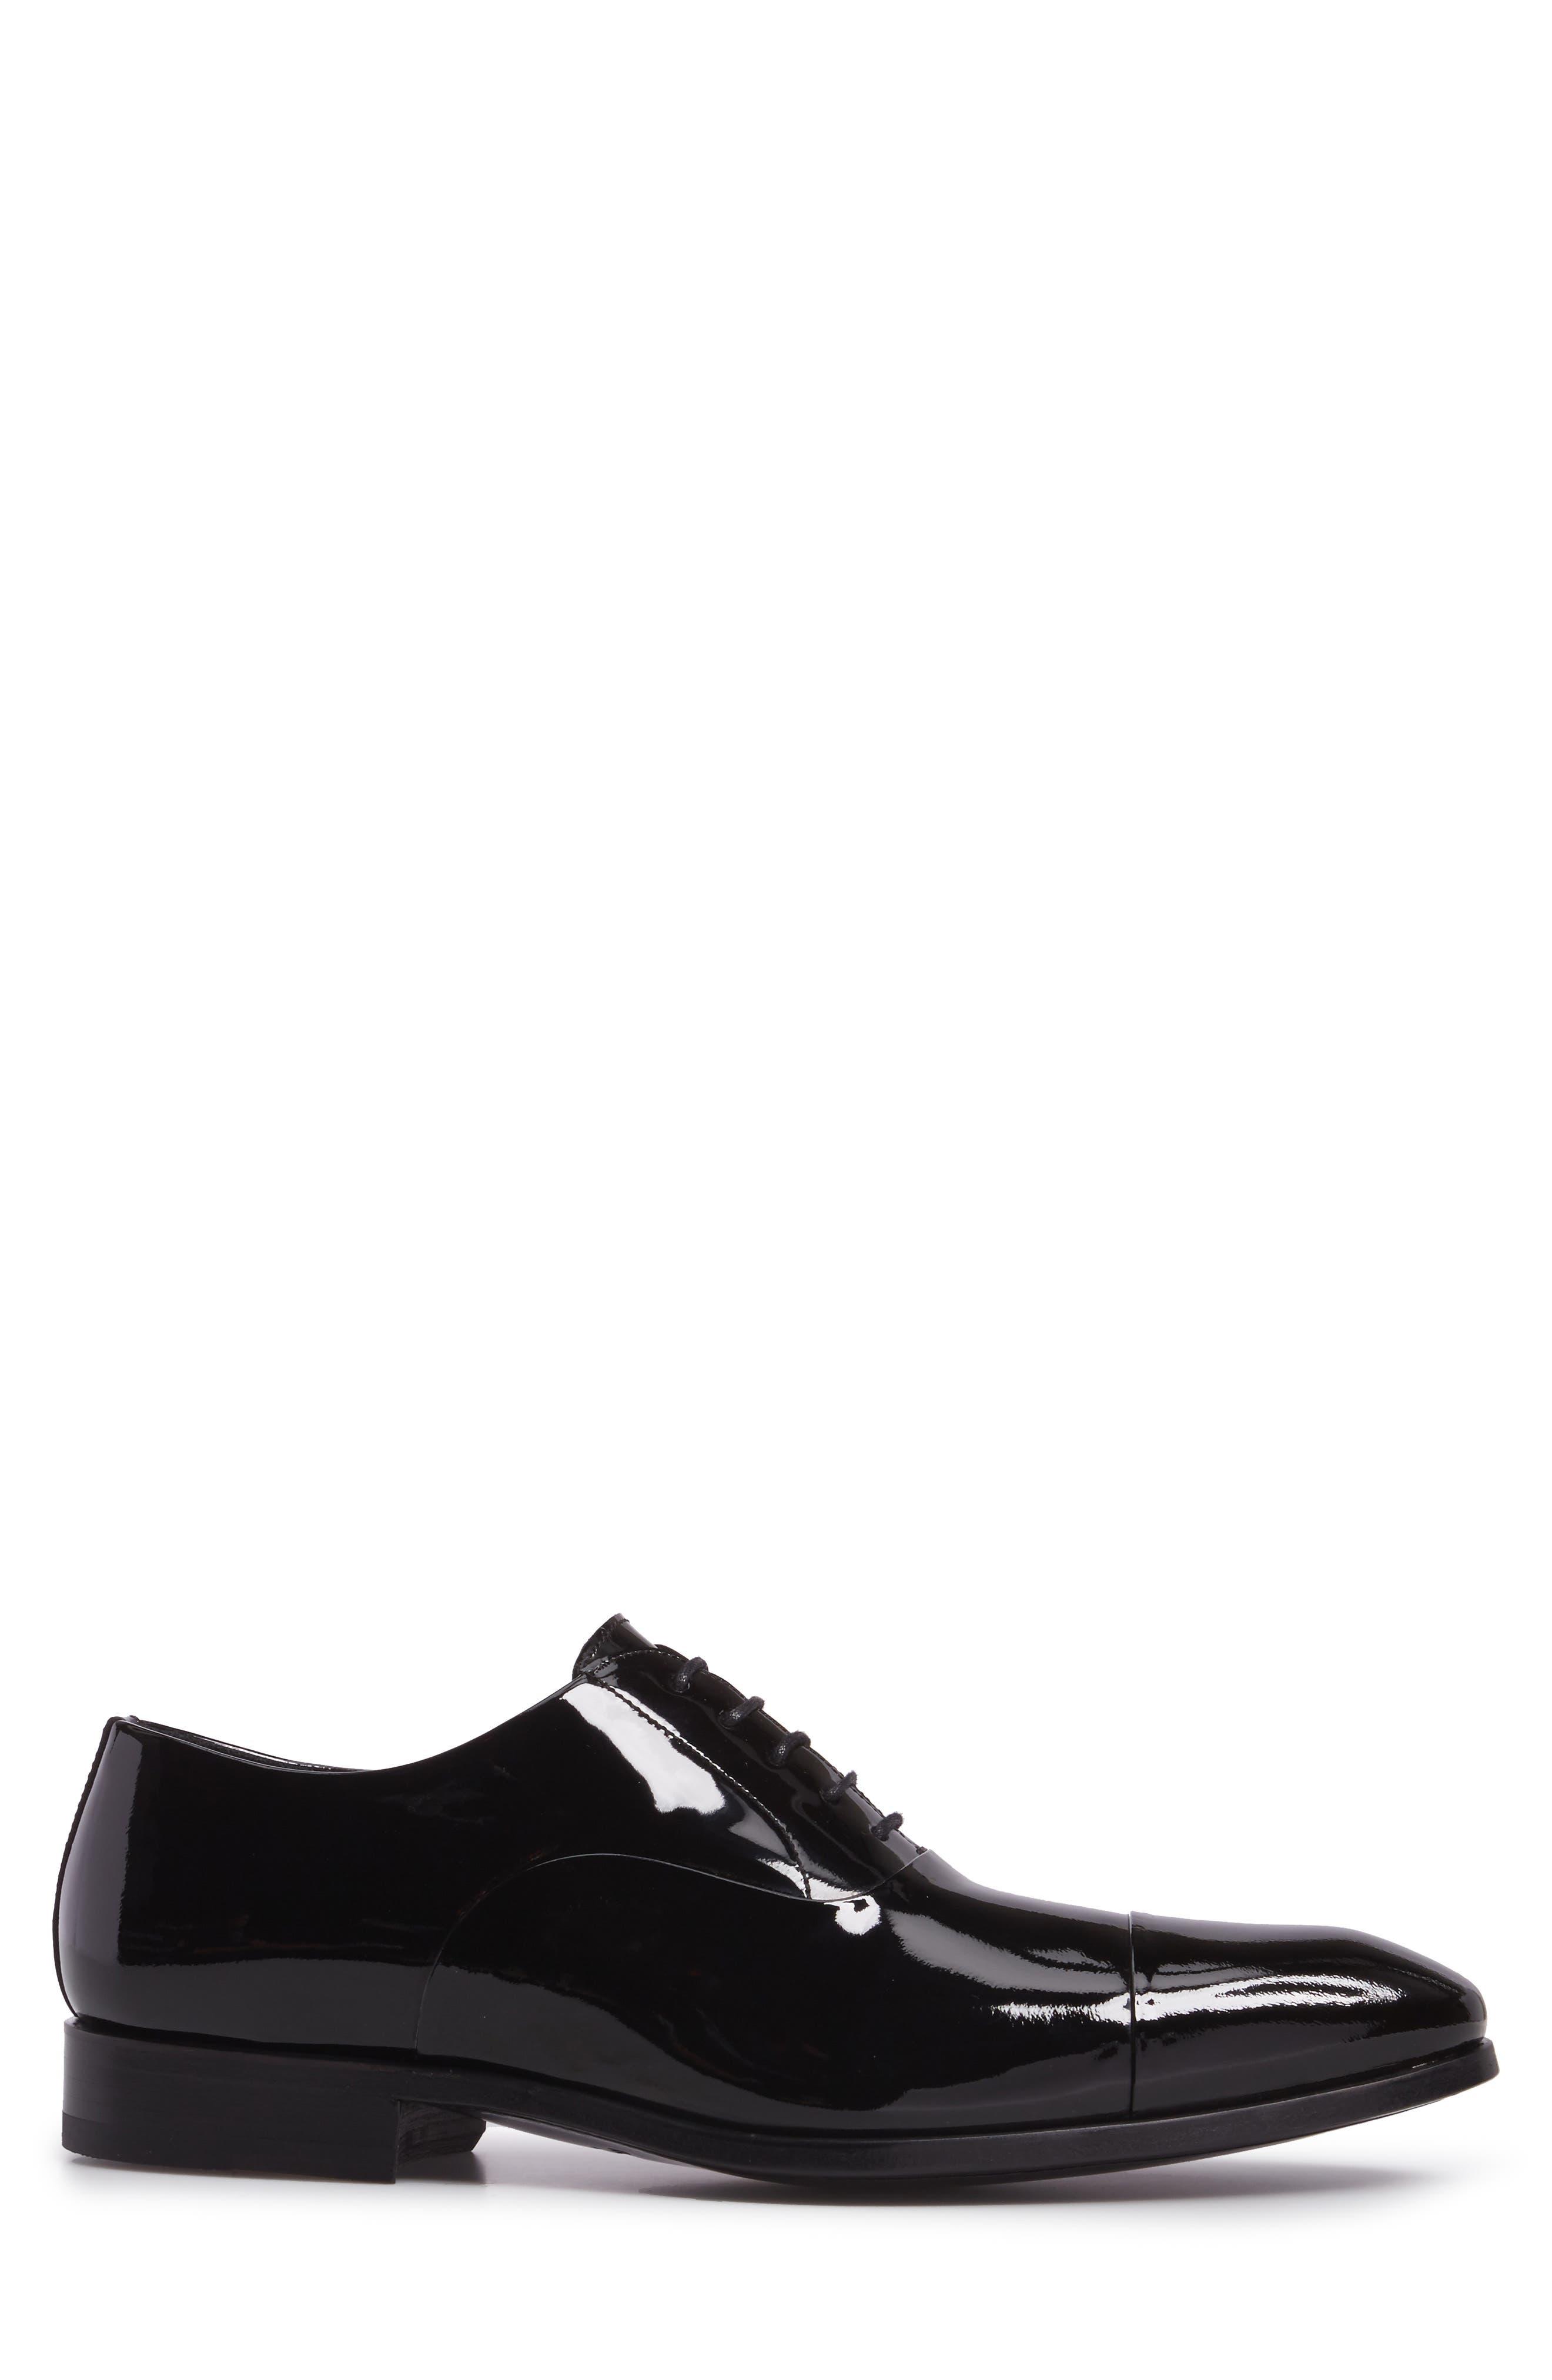 Davian Cap Toe Oxford,                             Alternate thumbnail 3, color,                             Black Patent